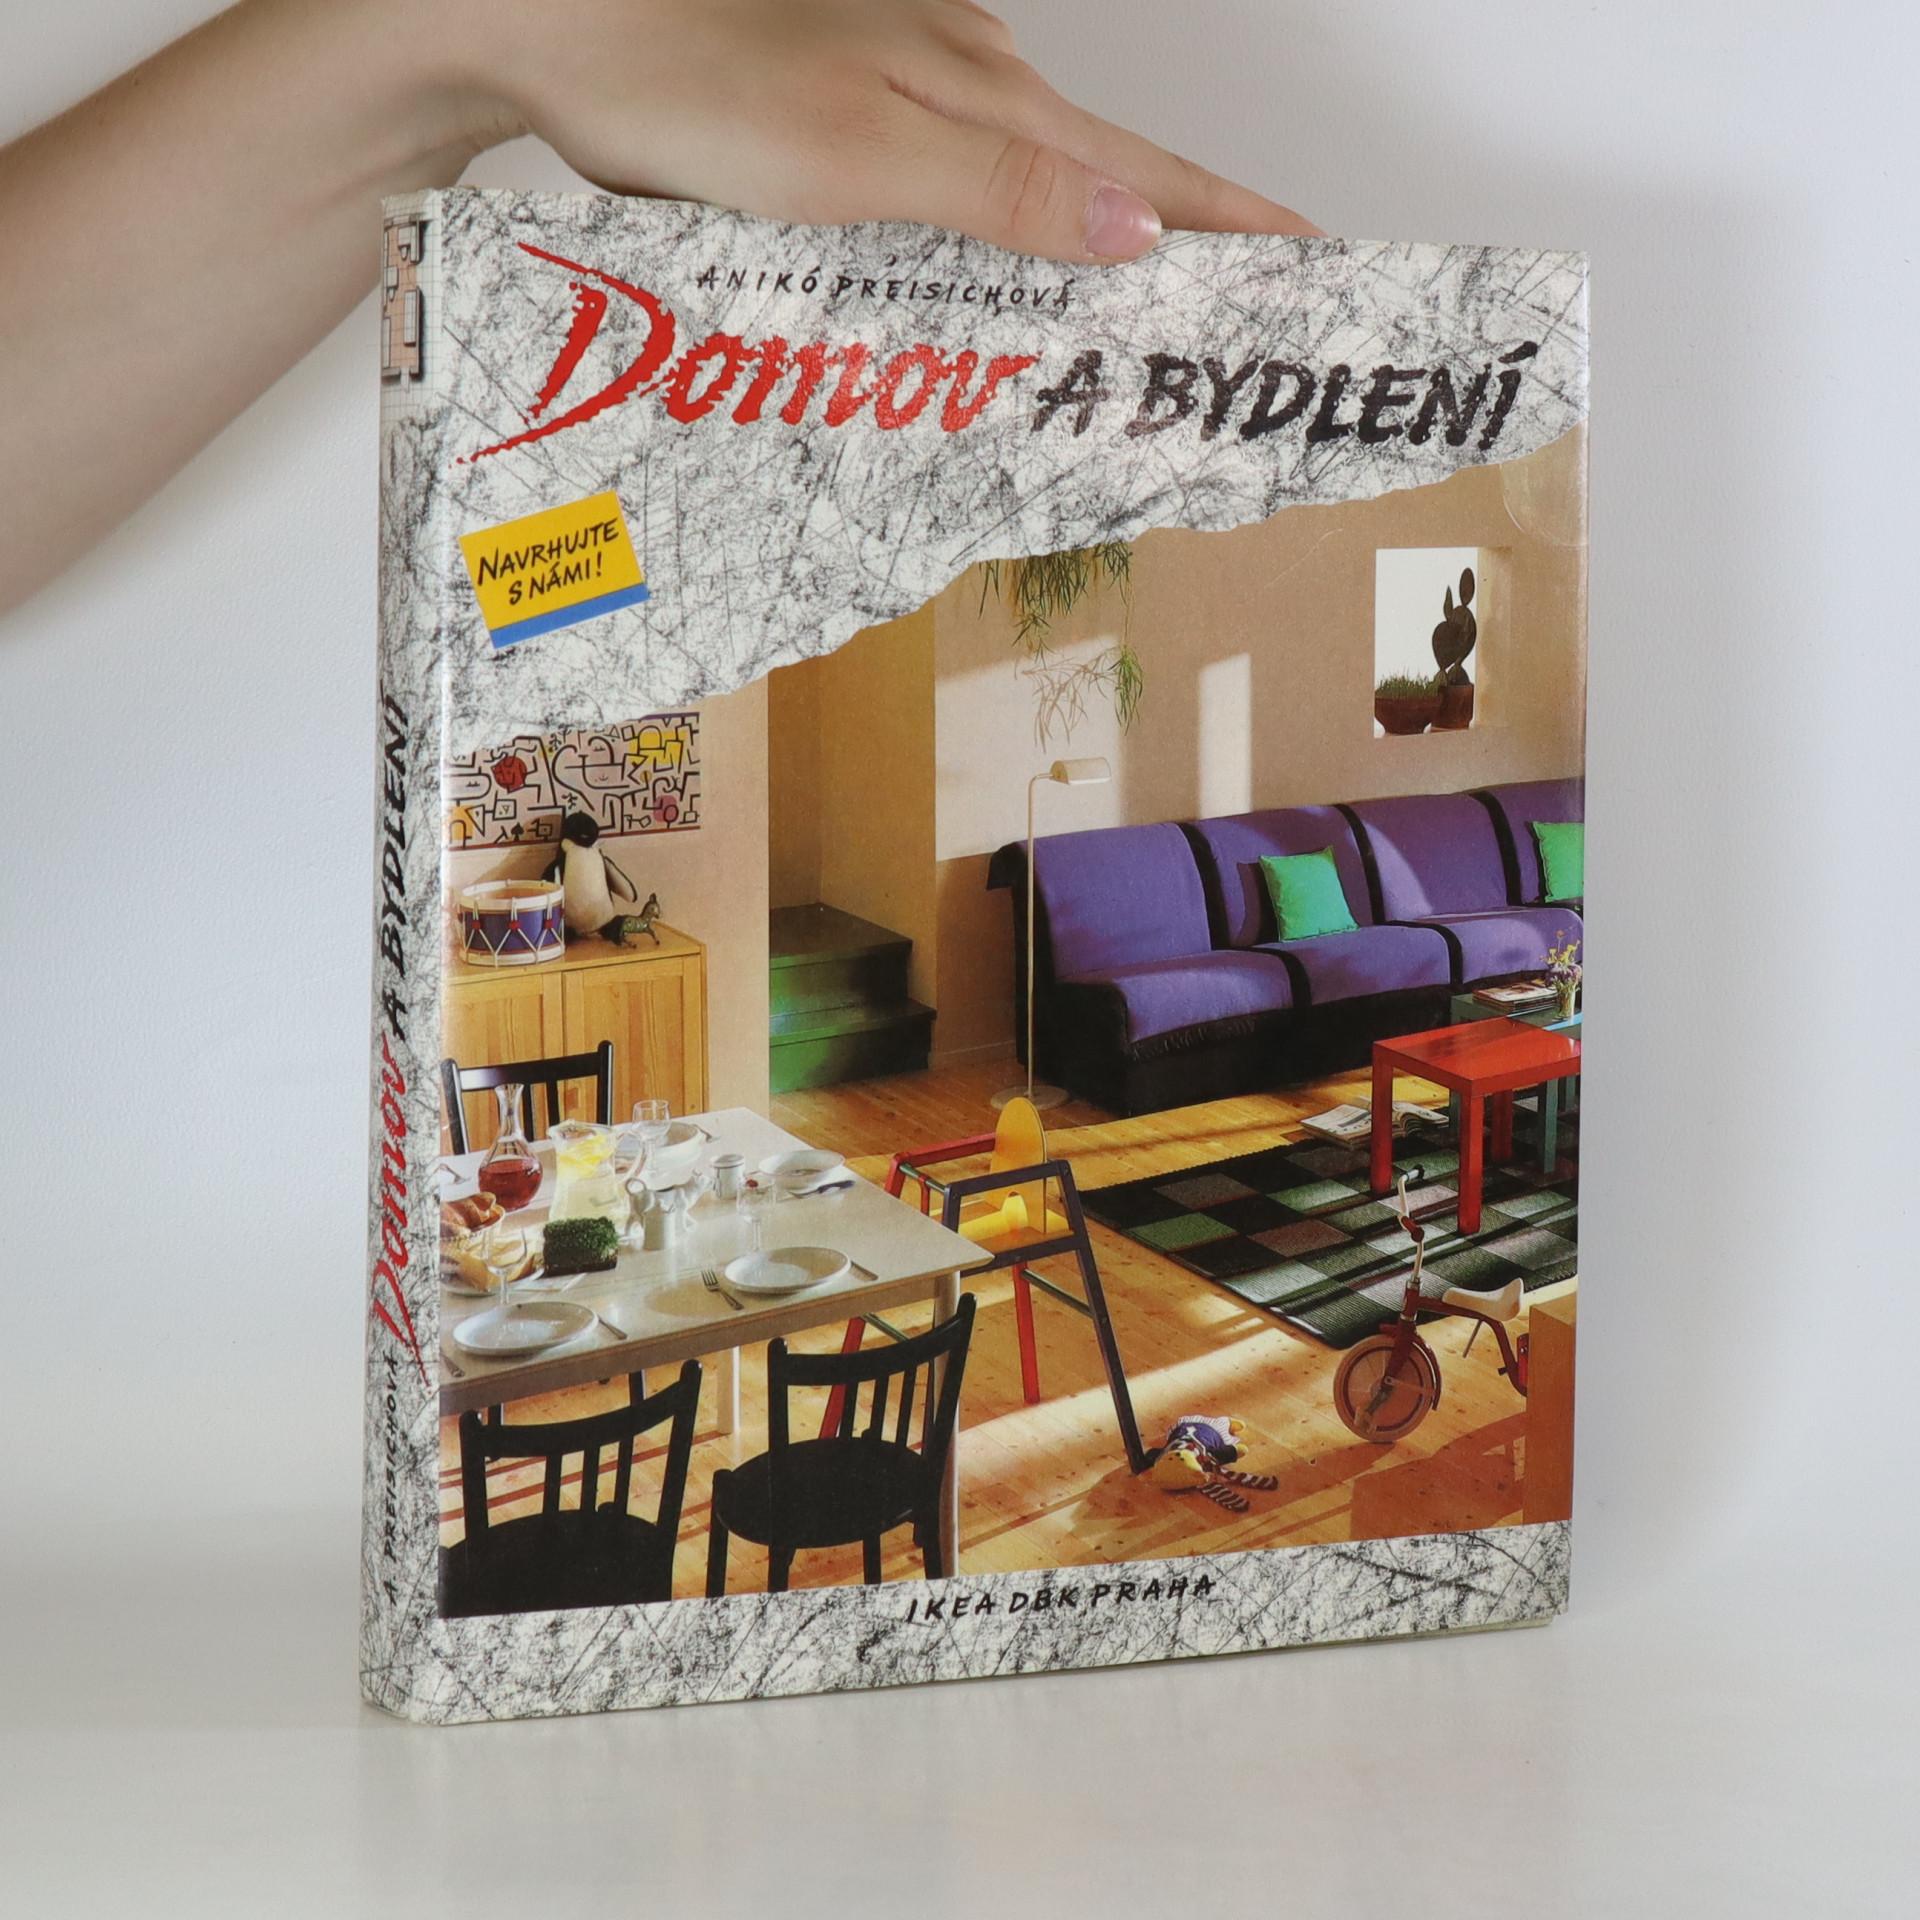 antikvární kniha Domov a bydlení, 1991